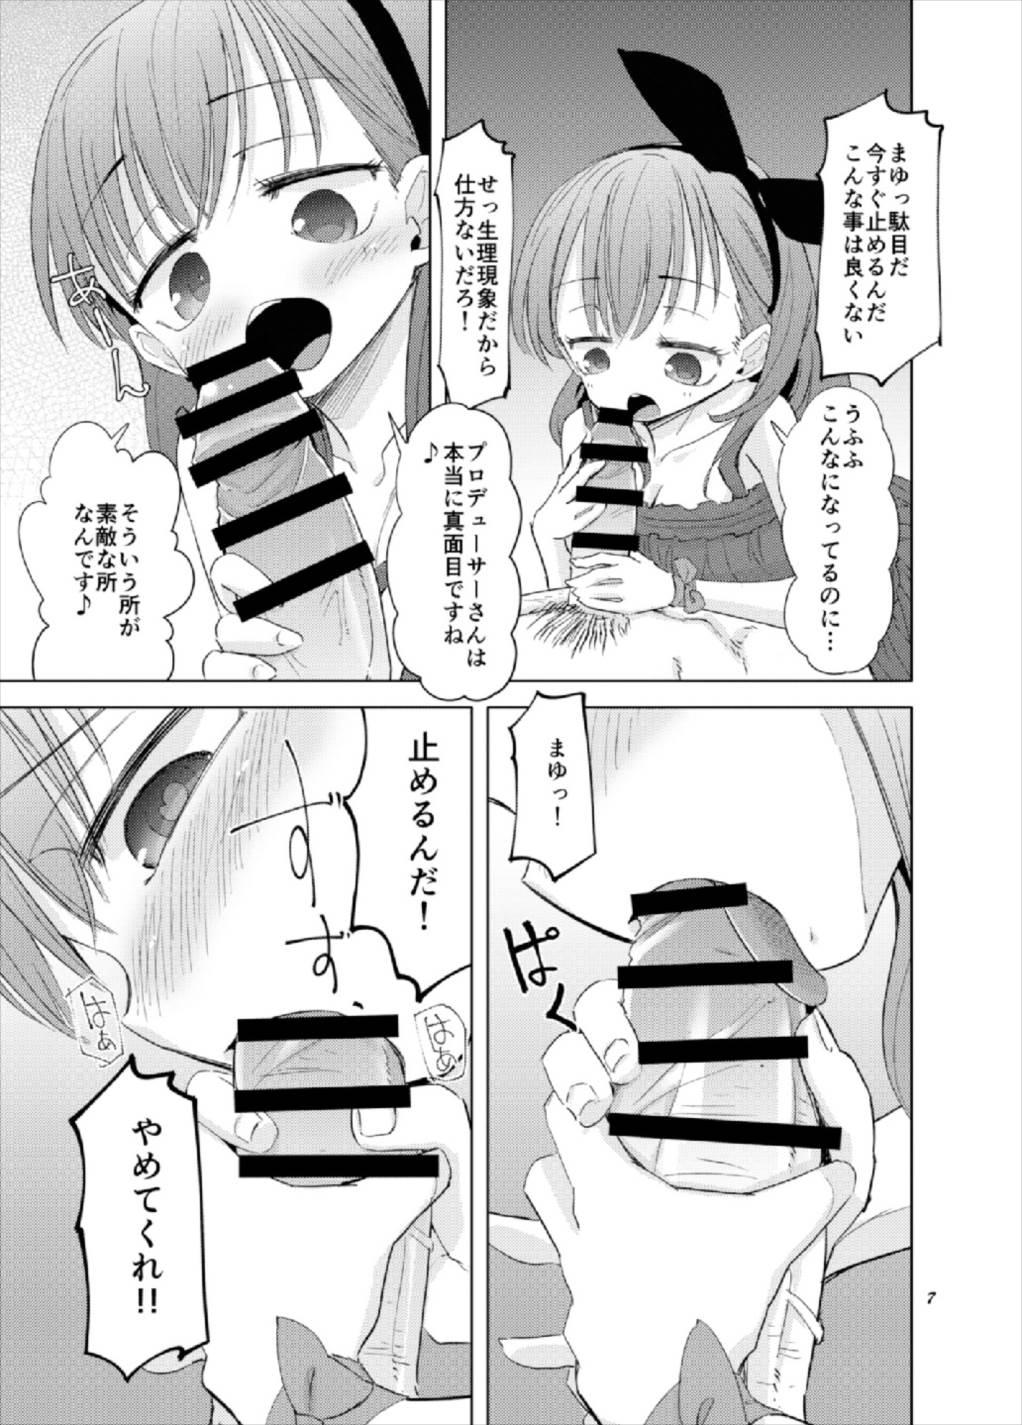 Gaman Dekinakatta Sakuma Mayu ga Majimena P o Kousoku Shite Gyakure Suru Hanashi 6